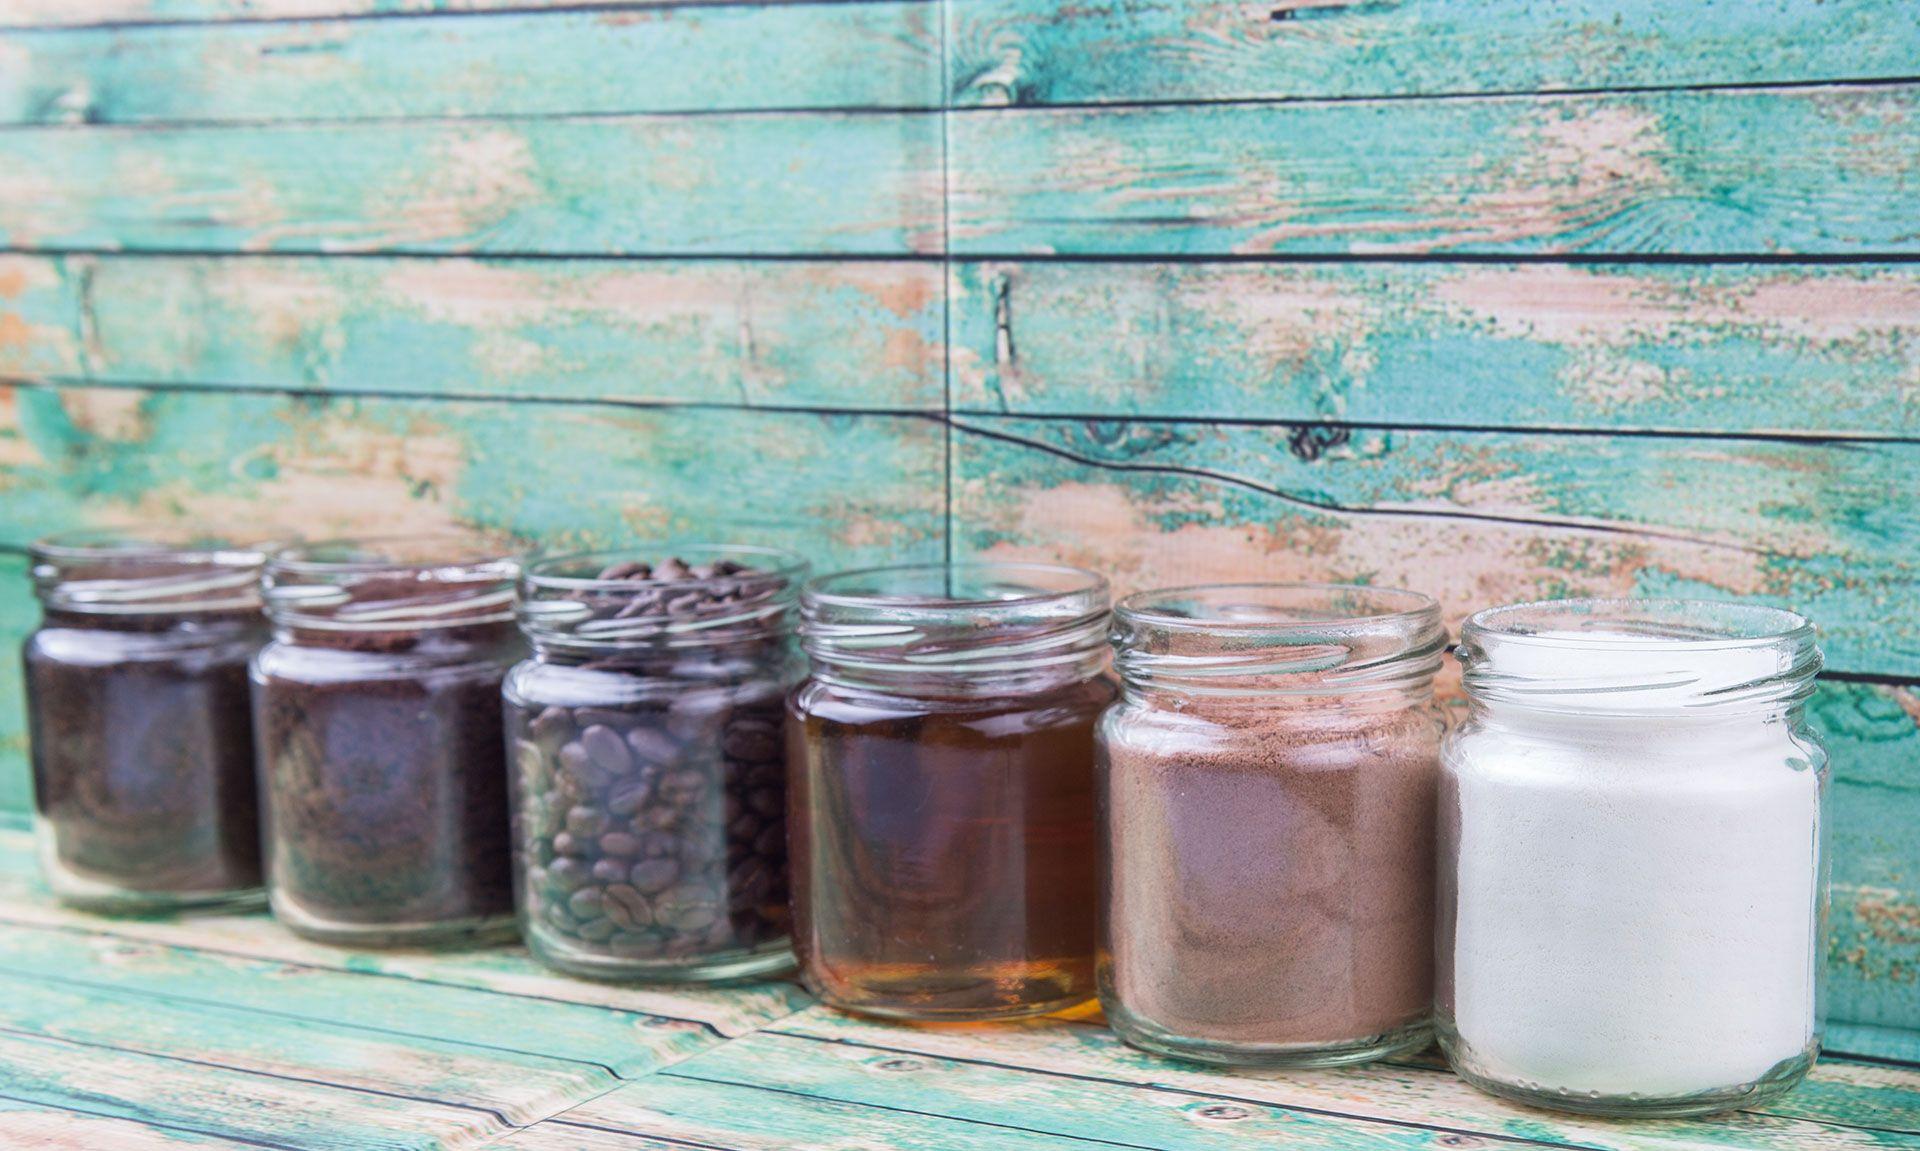 Jak przechowywać domowy cukier puder?